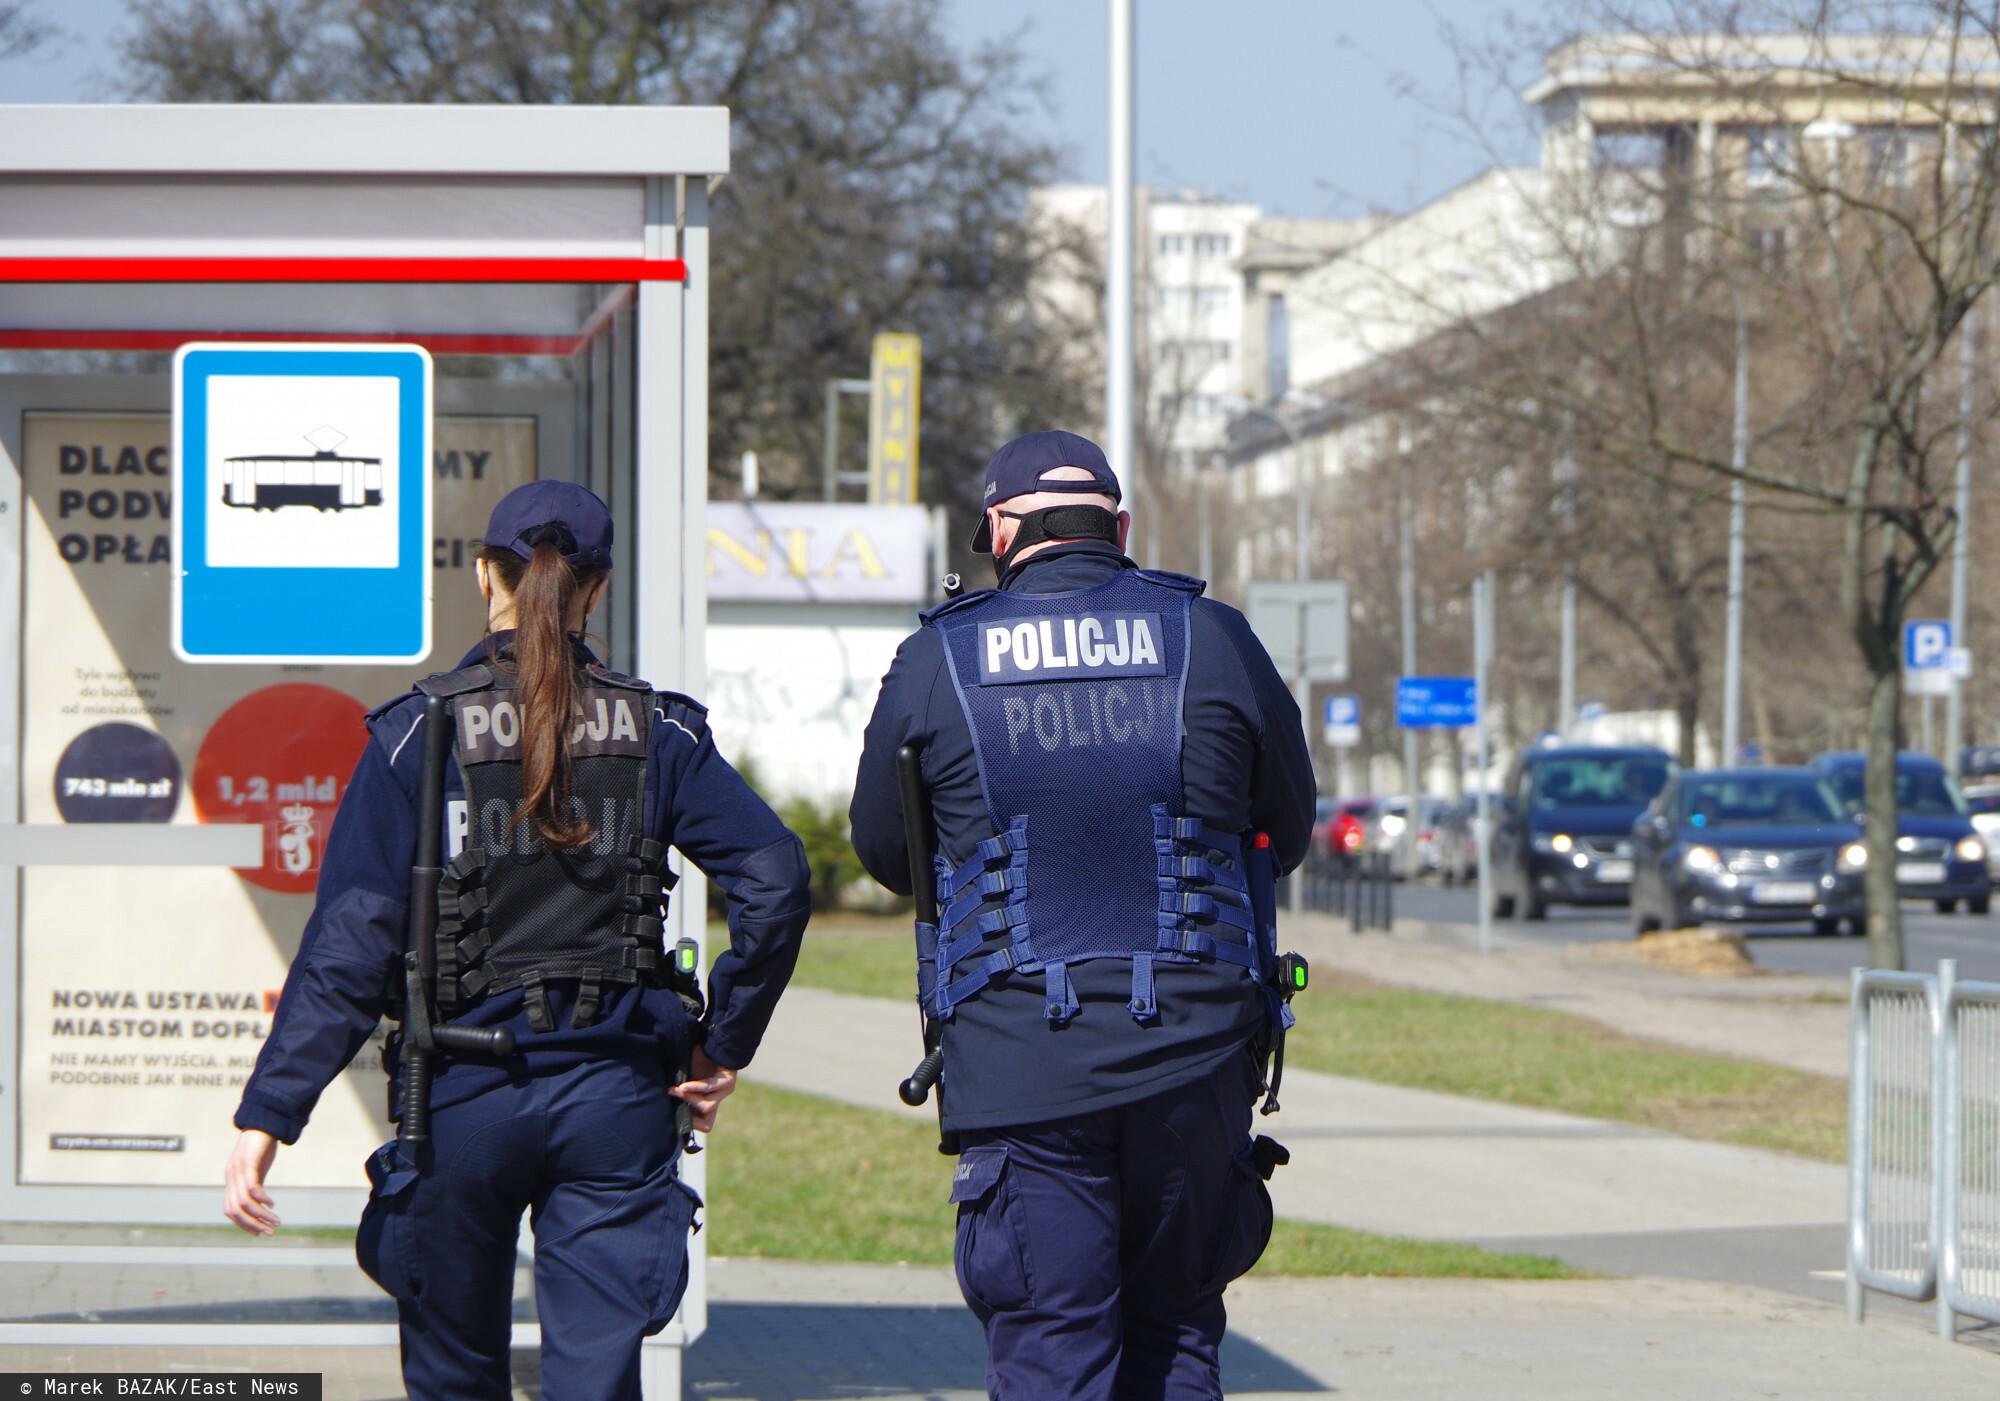 Policja zyskała nowy gadżet. Teraz będą pilnować porządku z pomocą drona